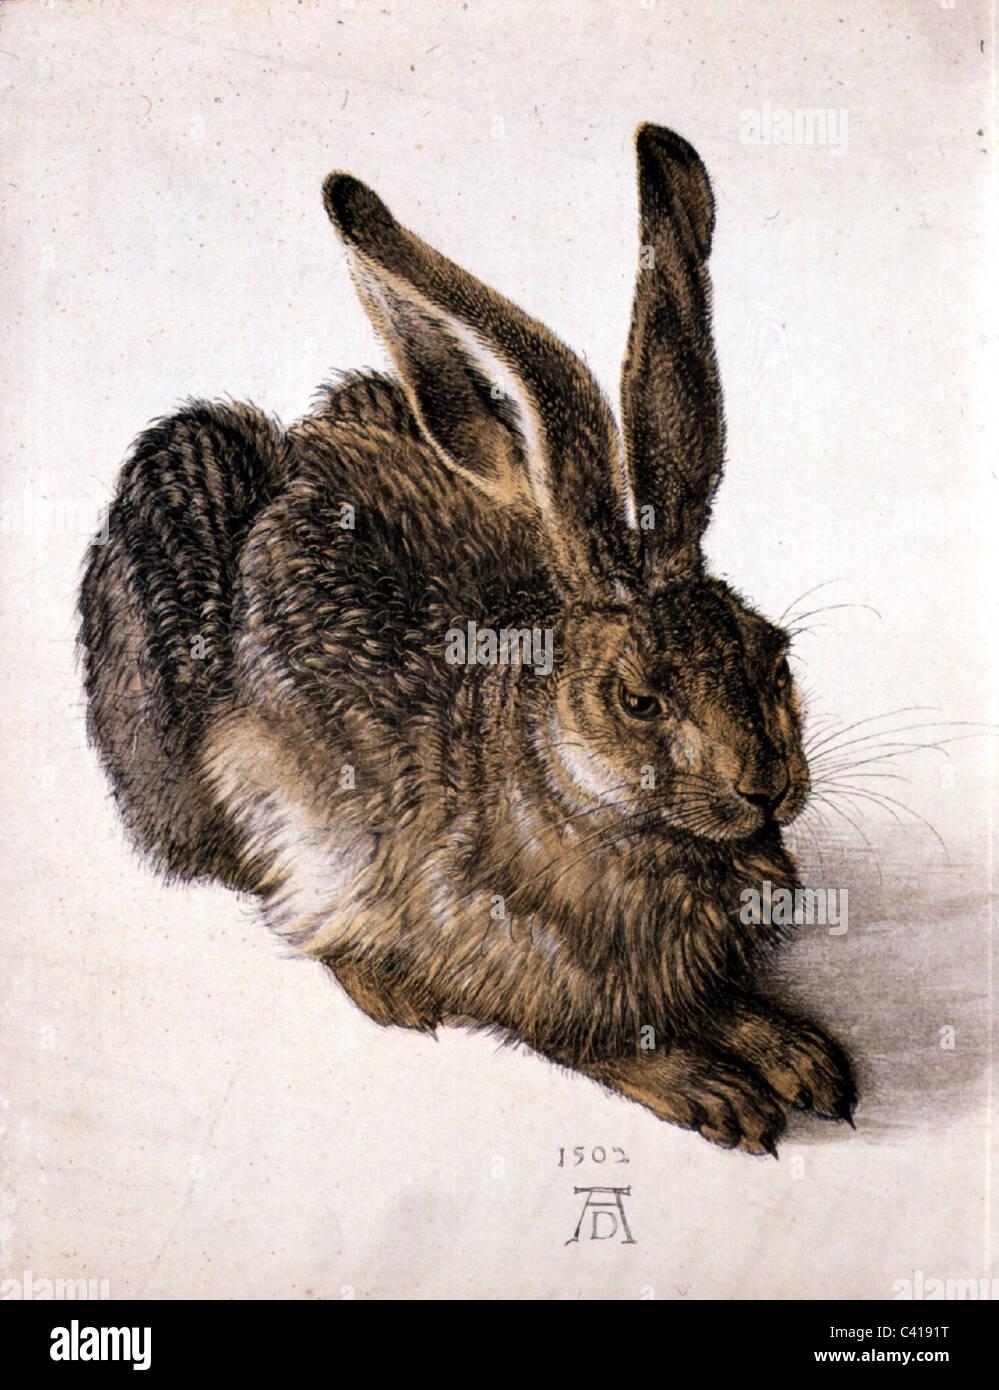 """Bildende Kunst, Dürer, Albrecht (1471-1528), """"Feldhase"""" (Young Hare), Aquarell, 1502, Albertina, Stockbild"""